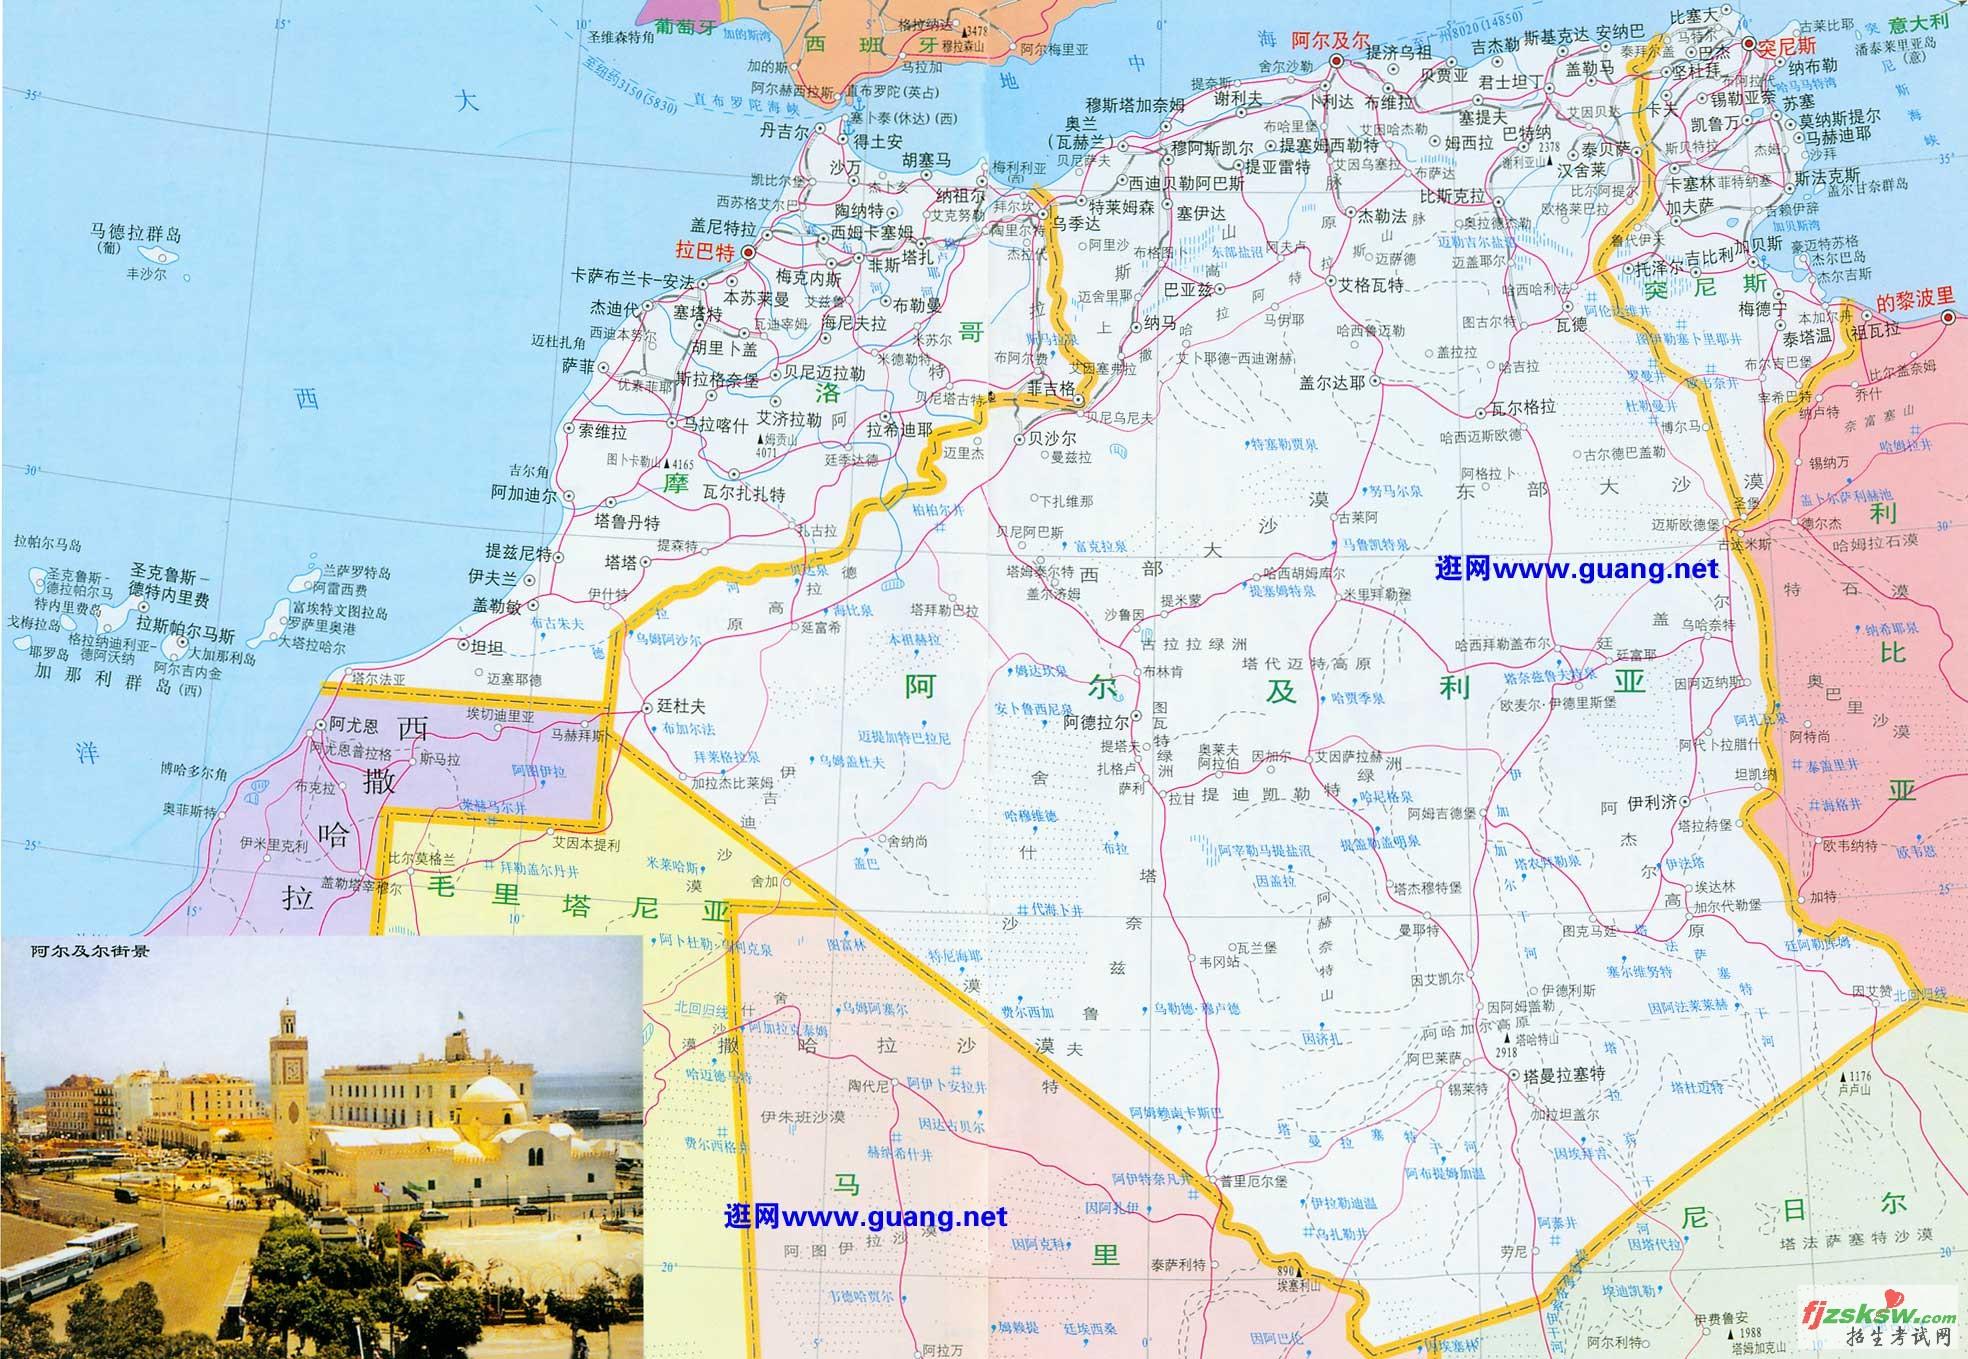 摩洛哥高清中文全图